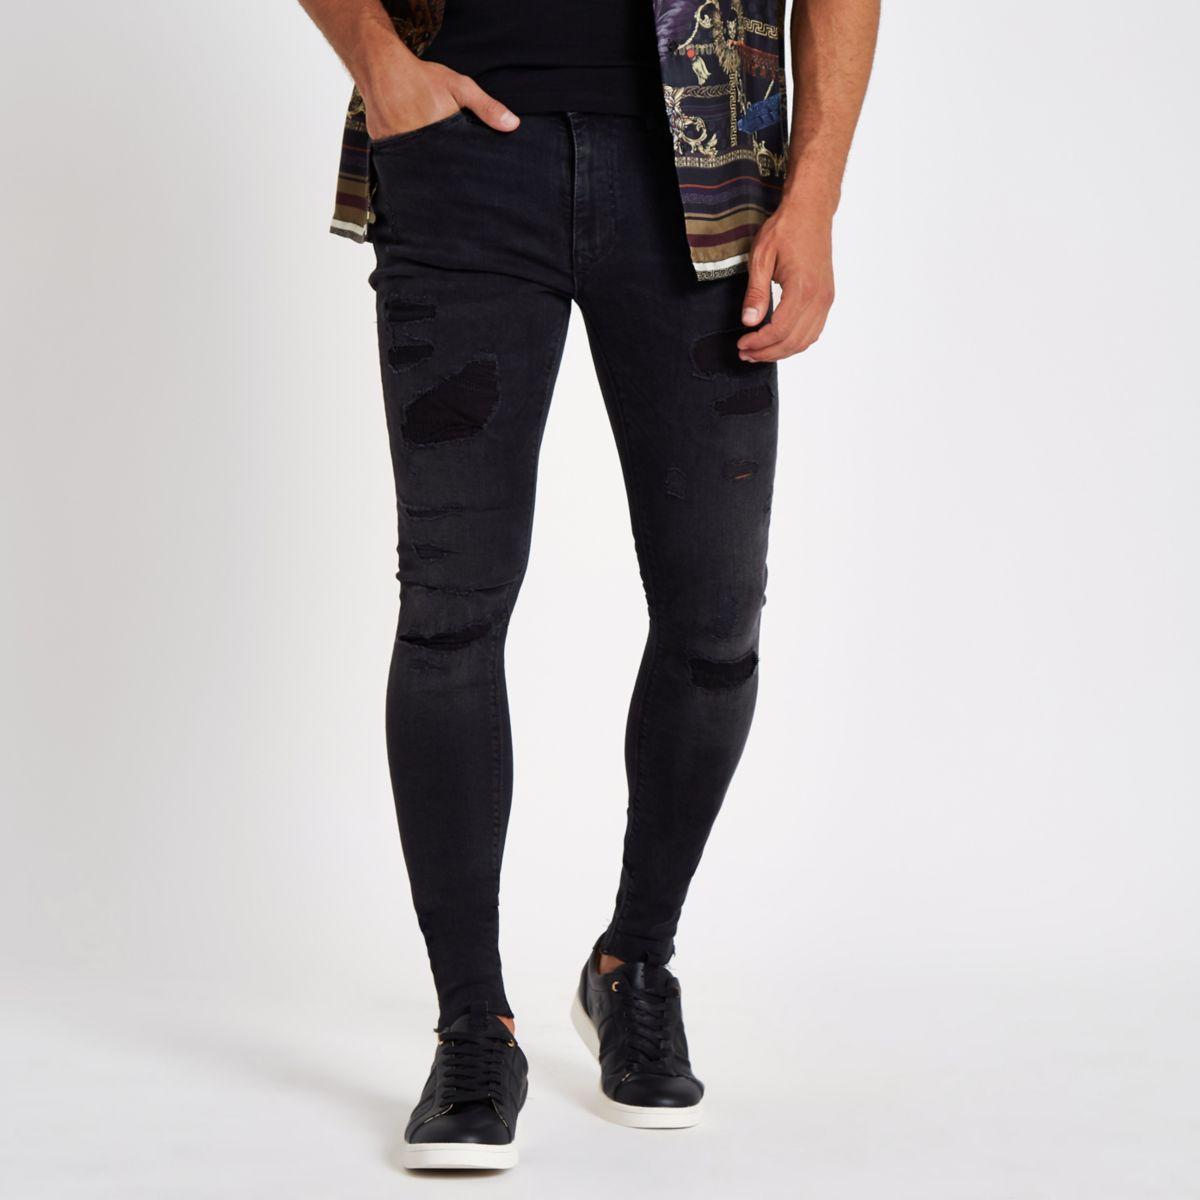 Black Ollie rip super skinny spray on jeans